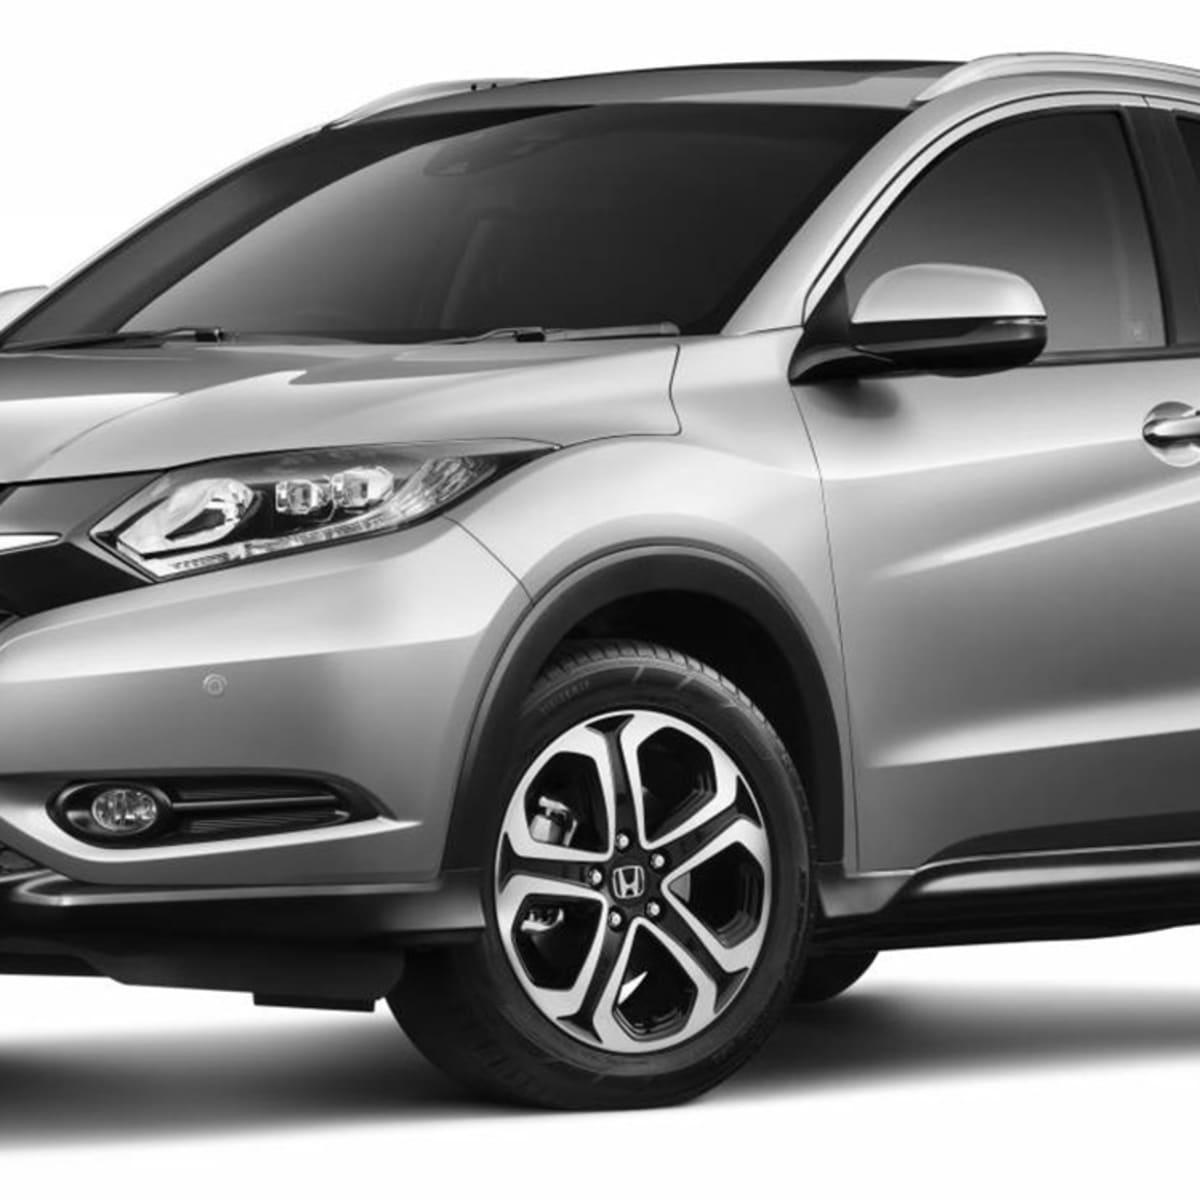 2017 Honda HR-V pricing and specs: Navigation now standard